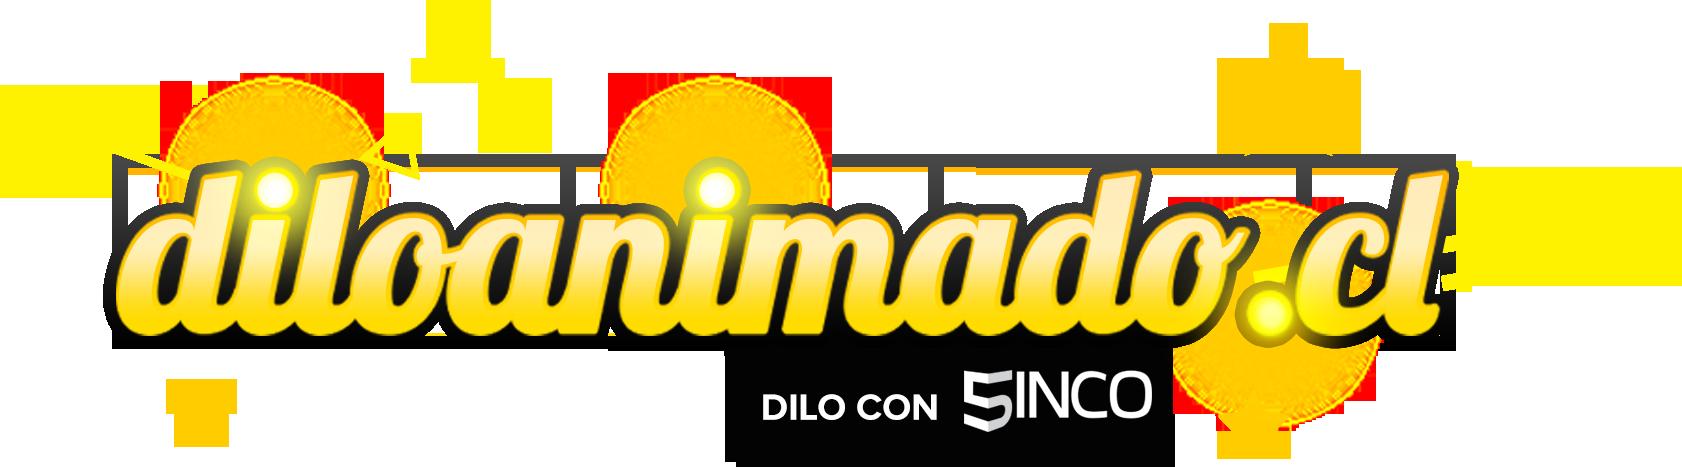 logo_ornamentas_efectos